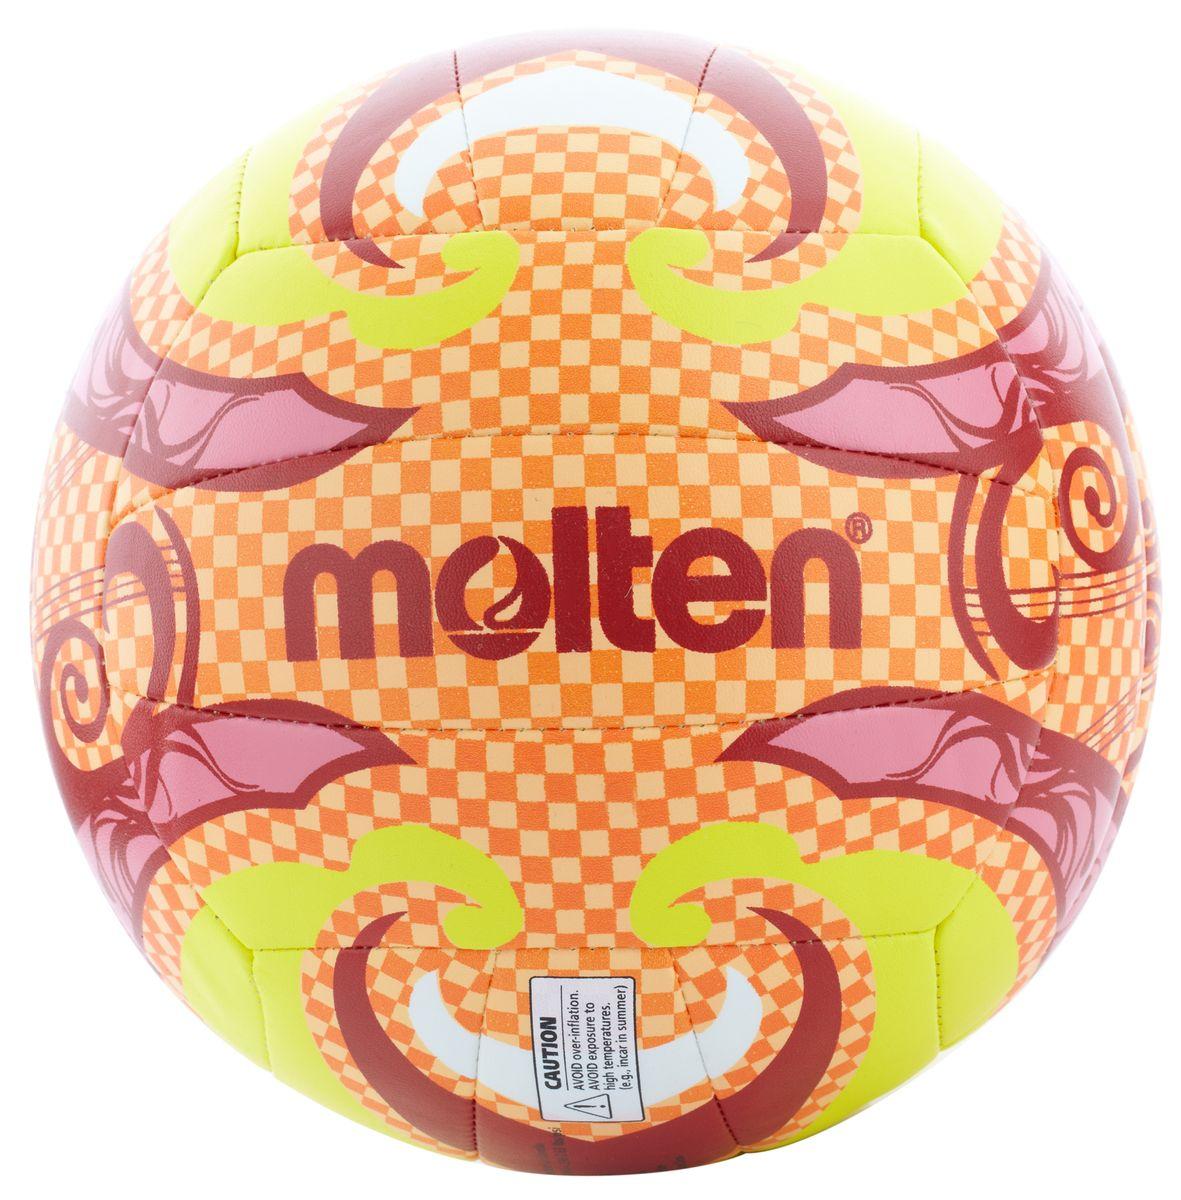 Мяч для пляжного волейбола Molten BV1500. Размер 5. V5B1502-OV5B1502-OМяч для пляжного волейбола изготовлен из тонкой синтетической кожи, обеспечивающей мягкий контакт с рукой. Машинное шитье, 18 панелей, резиновая камера.